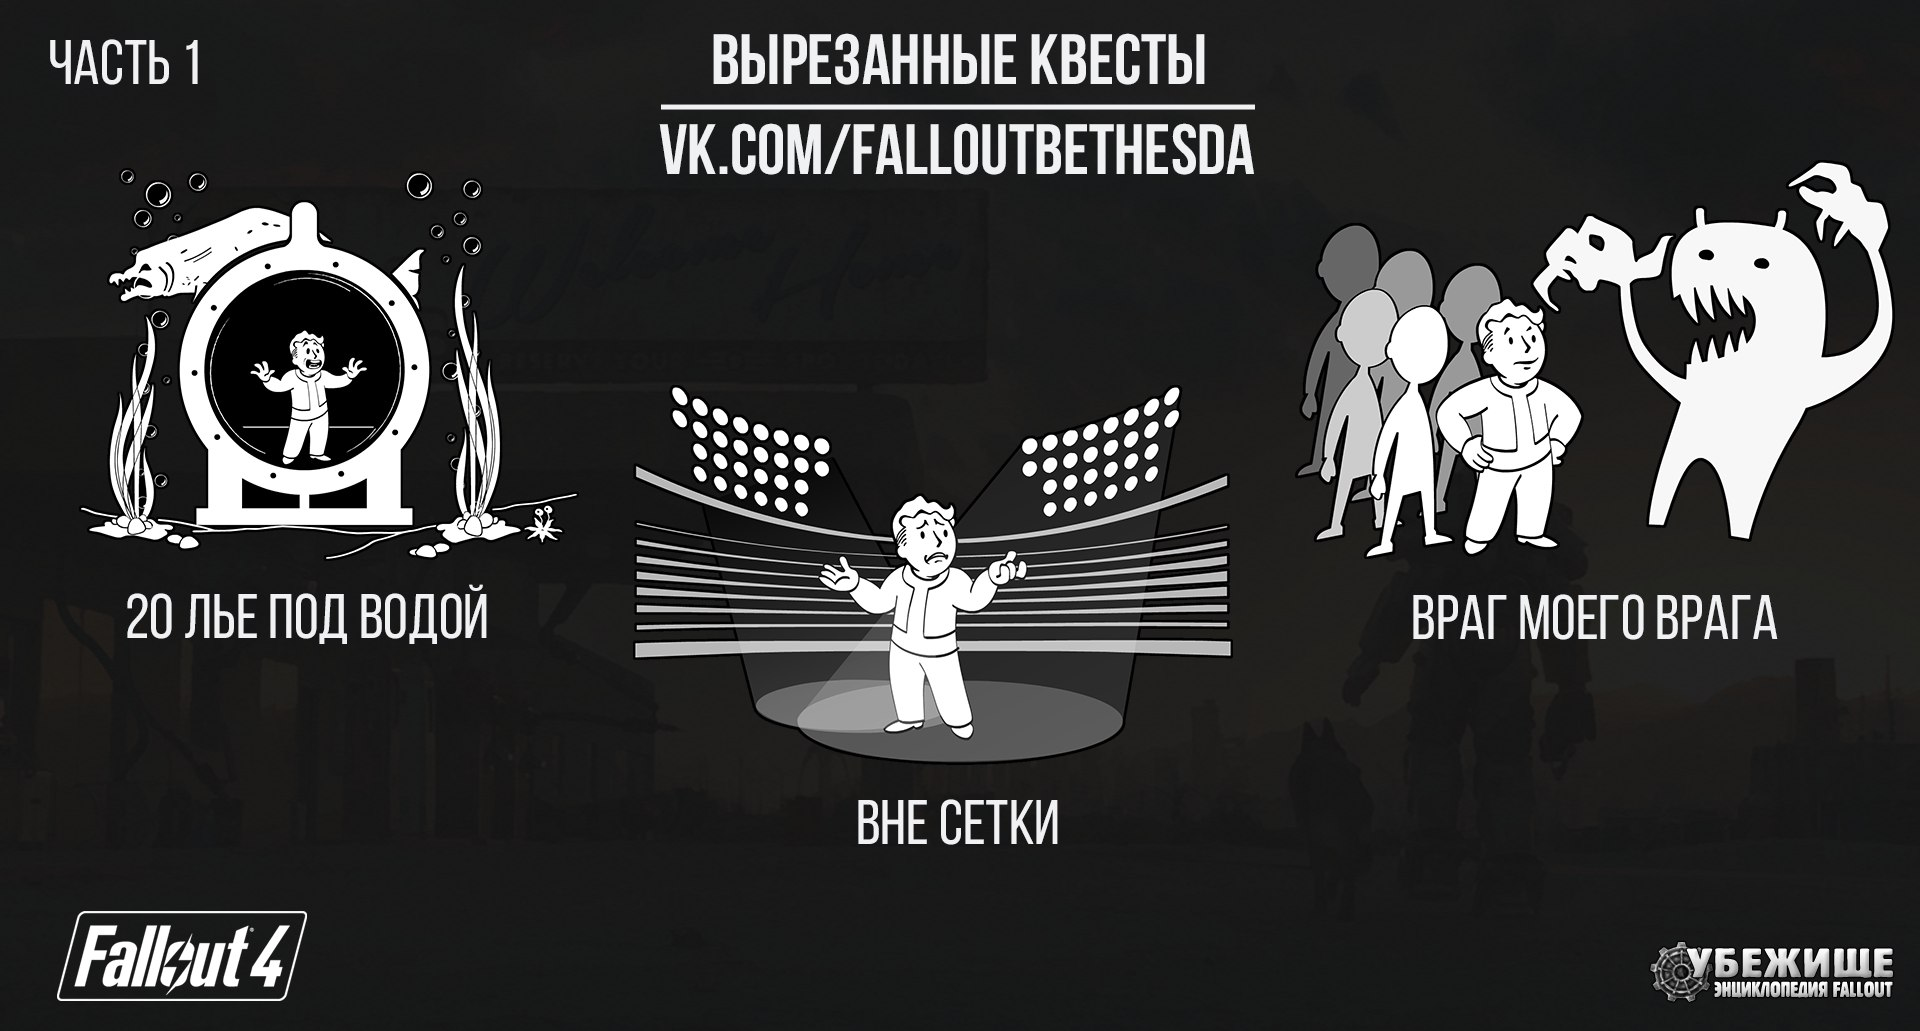 Вырезанный контент  Fallout 4 Часть 1